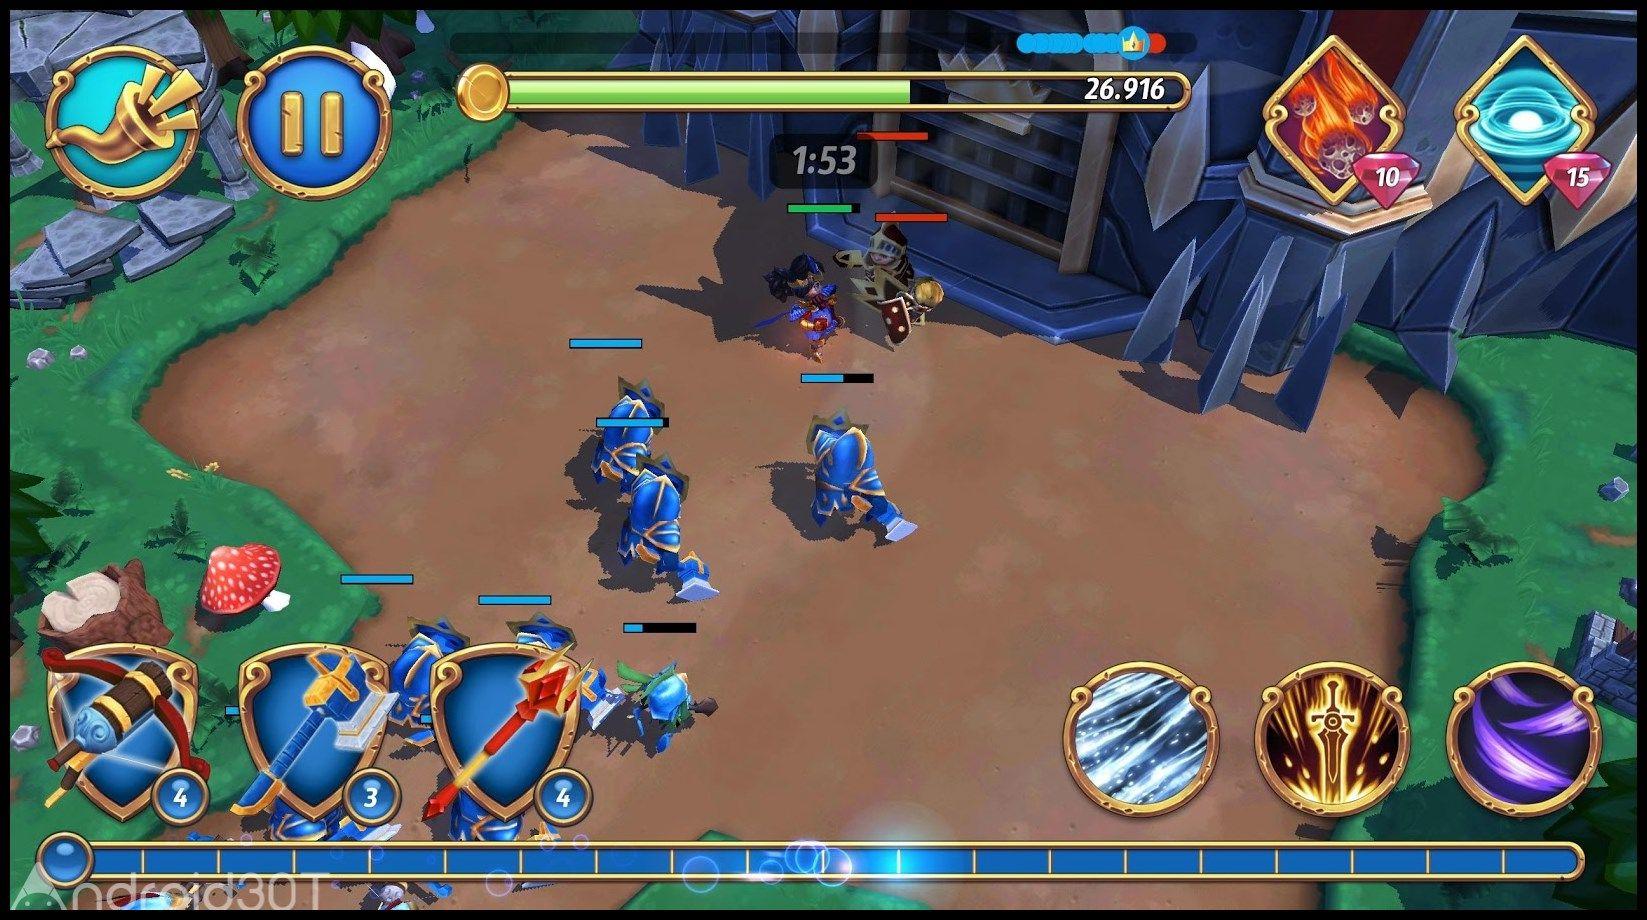 دانلود Royal Revolt 2 v7.1.2 – بازی استراتژیک شورش پادشاهی 2 اندروید